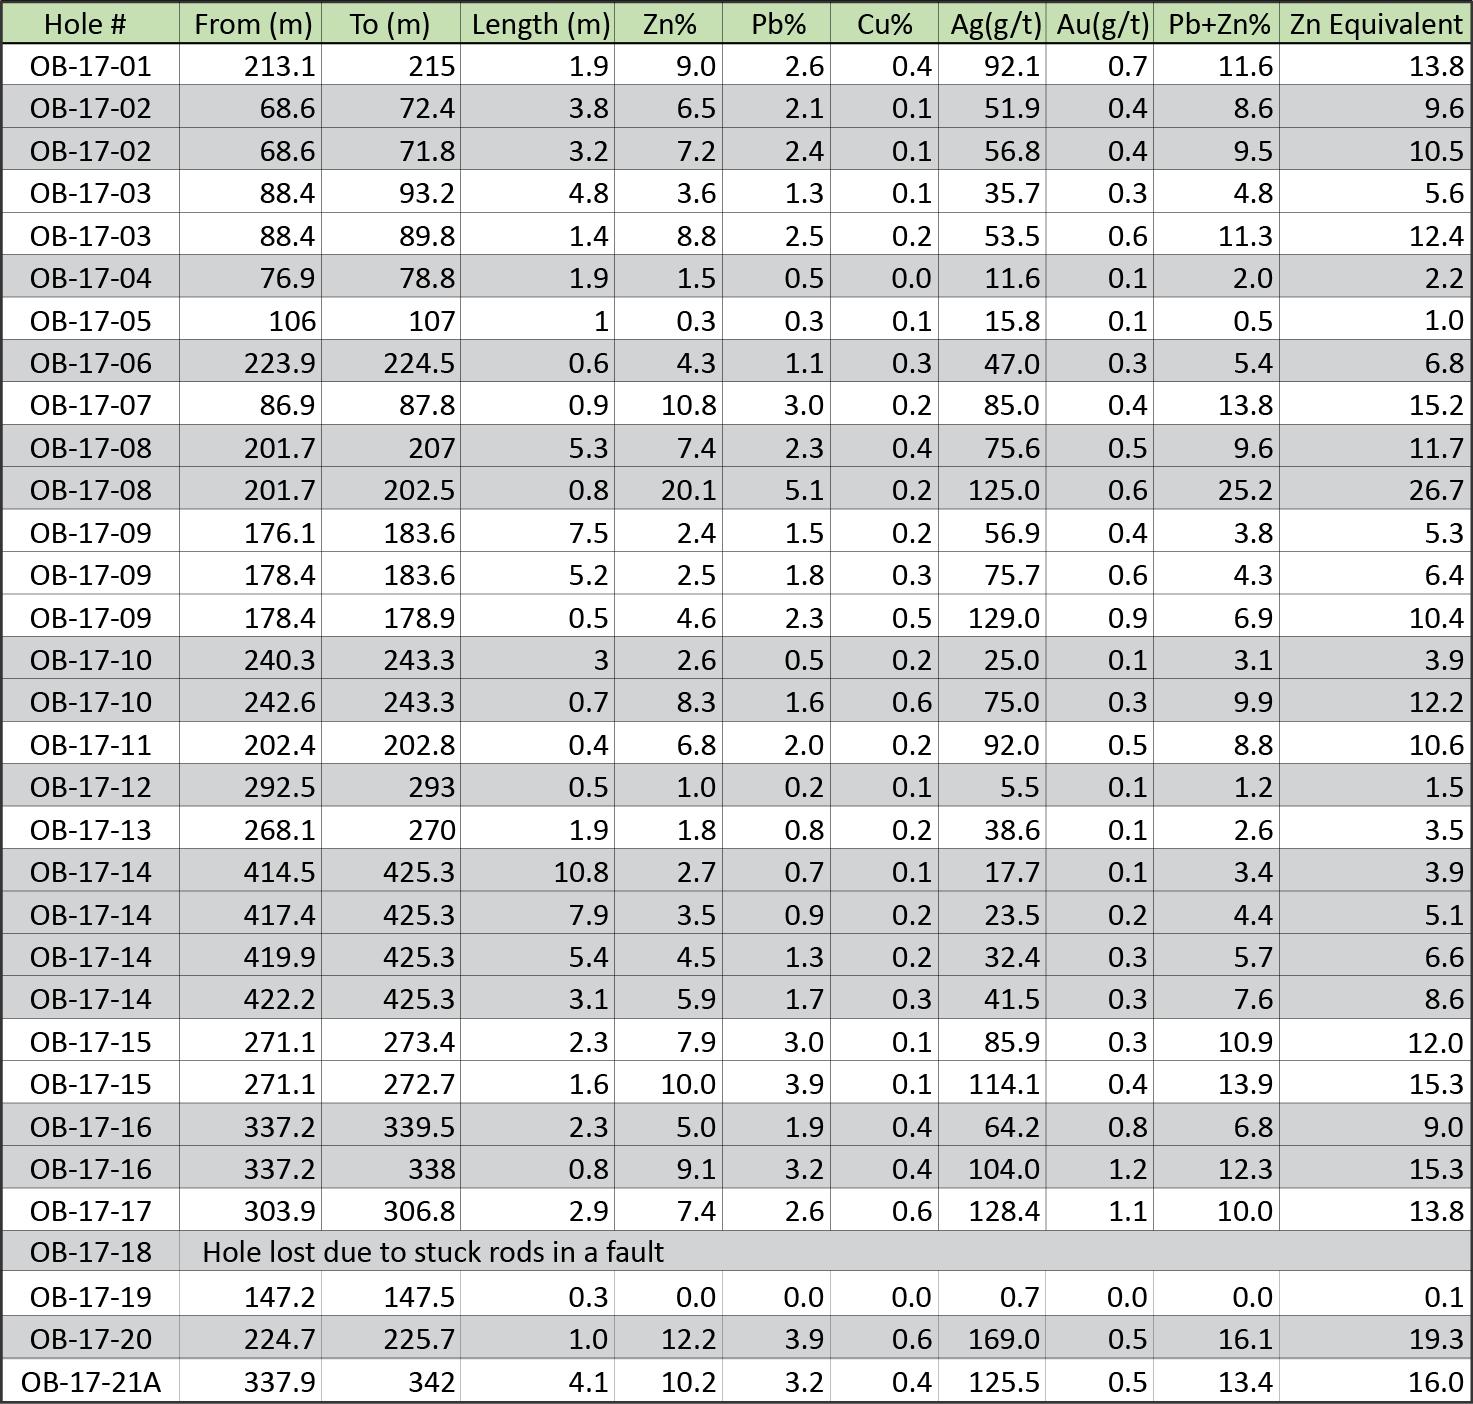 assay summary table